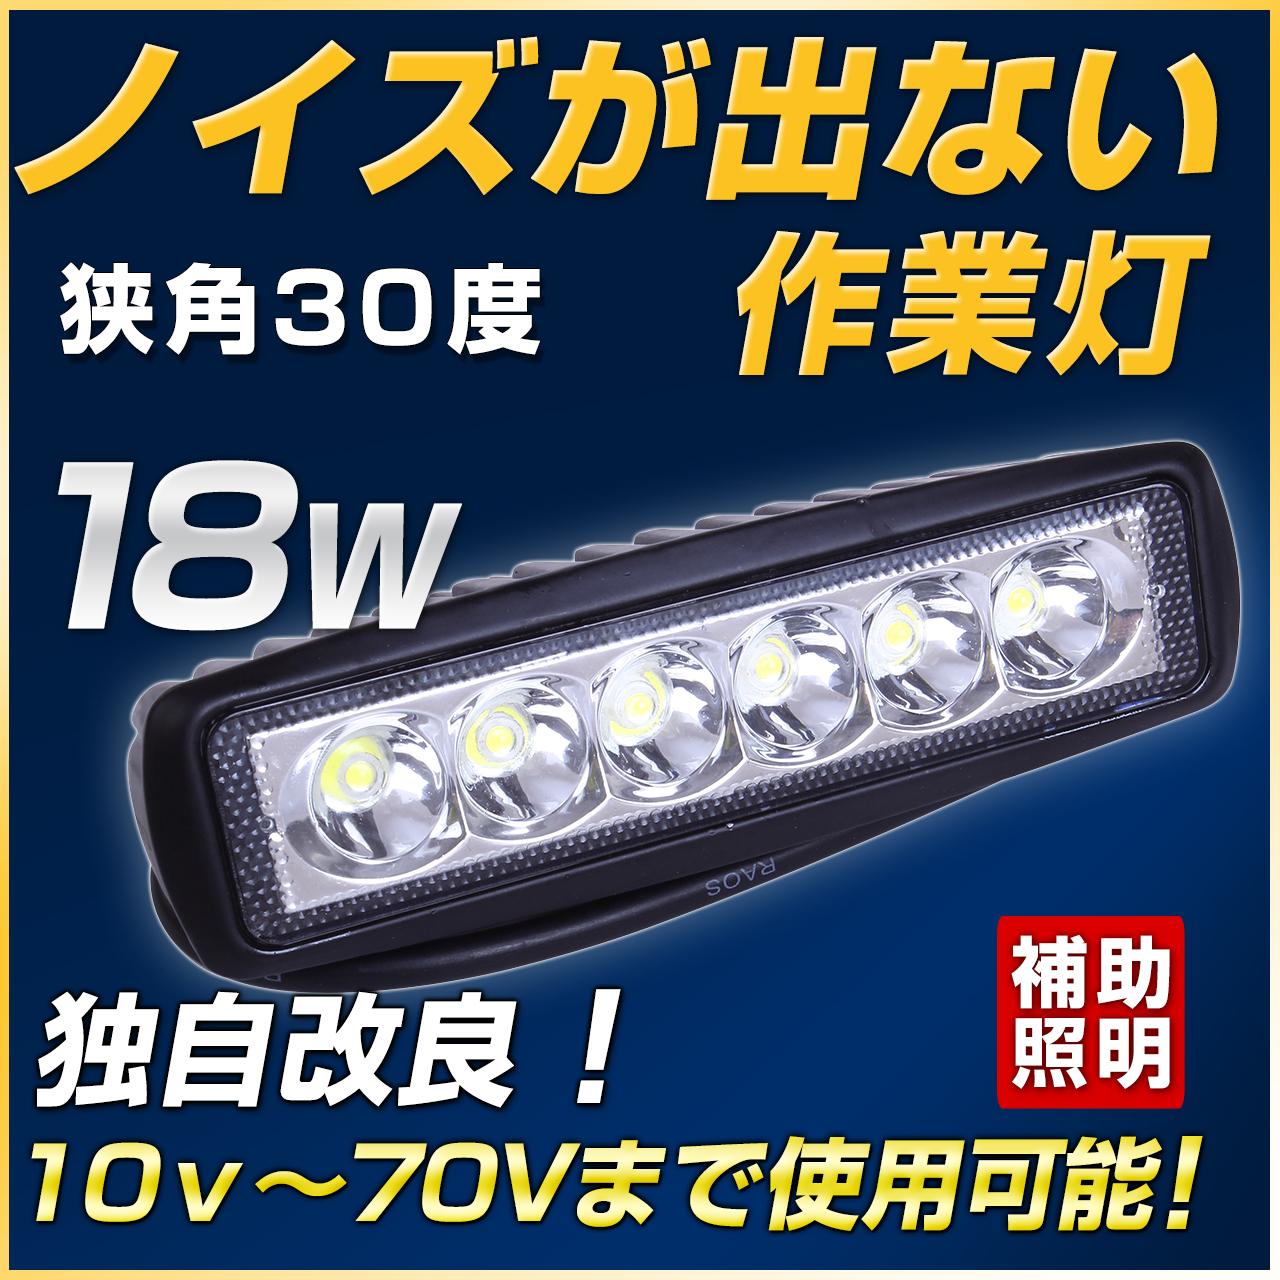 18W作業灯